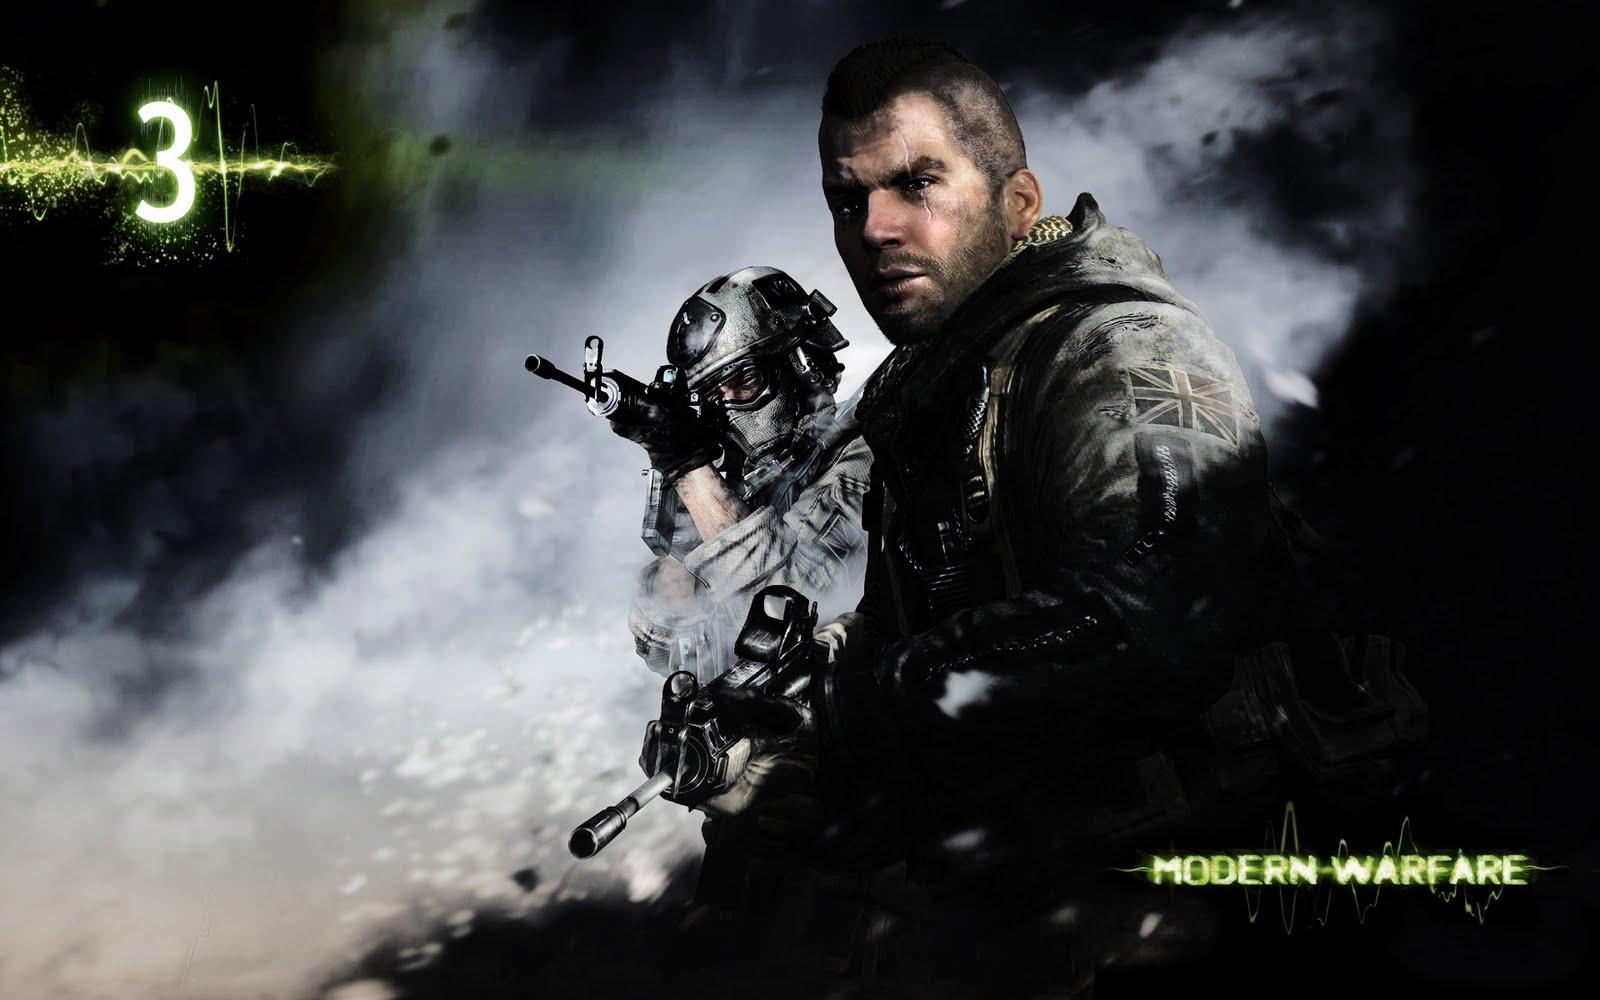 http://2.bp.blogspot.com/-4Kbk3xPB0Lc/TeJFBwtZkgI/AAAAAAAACYo/Ftk8_MS1gRQ/s1600/CoD_Modern_Warfare_3_game.jpg